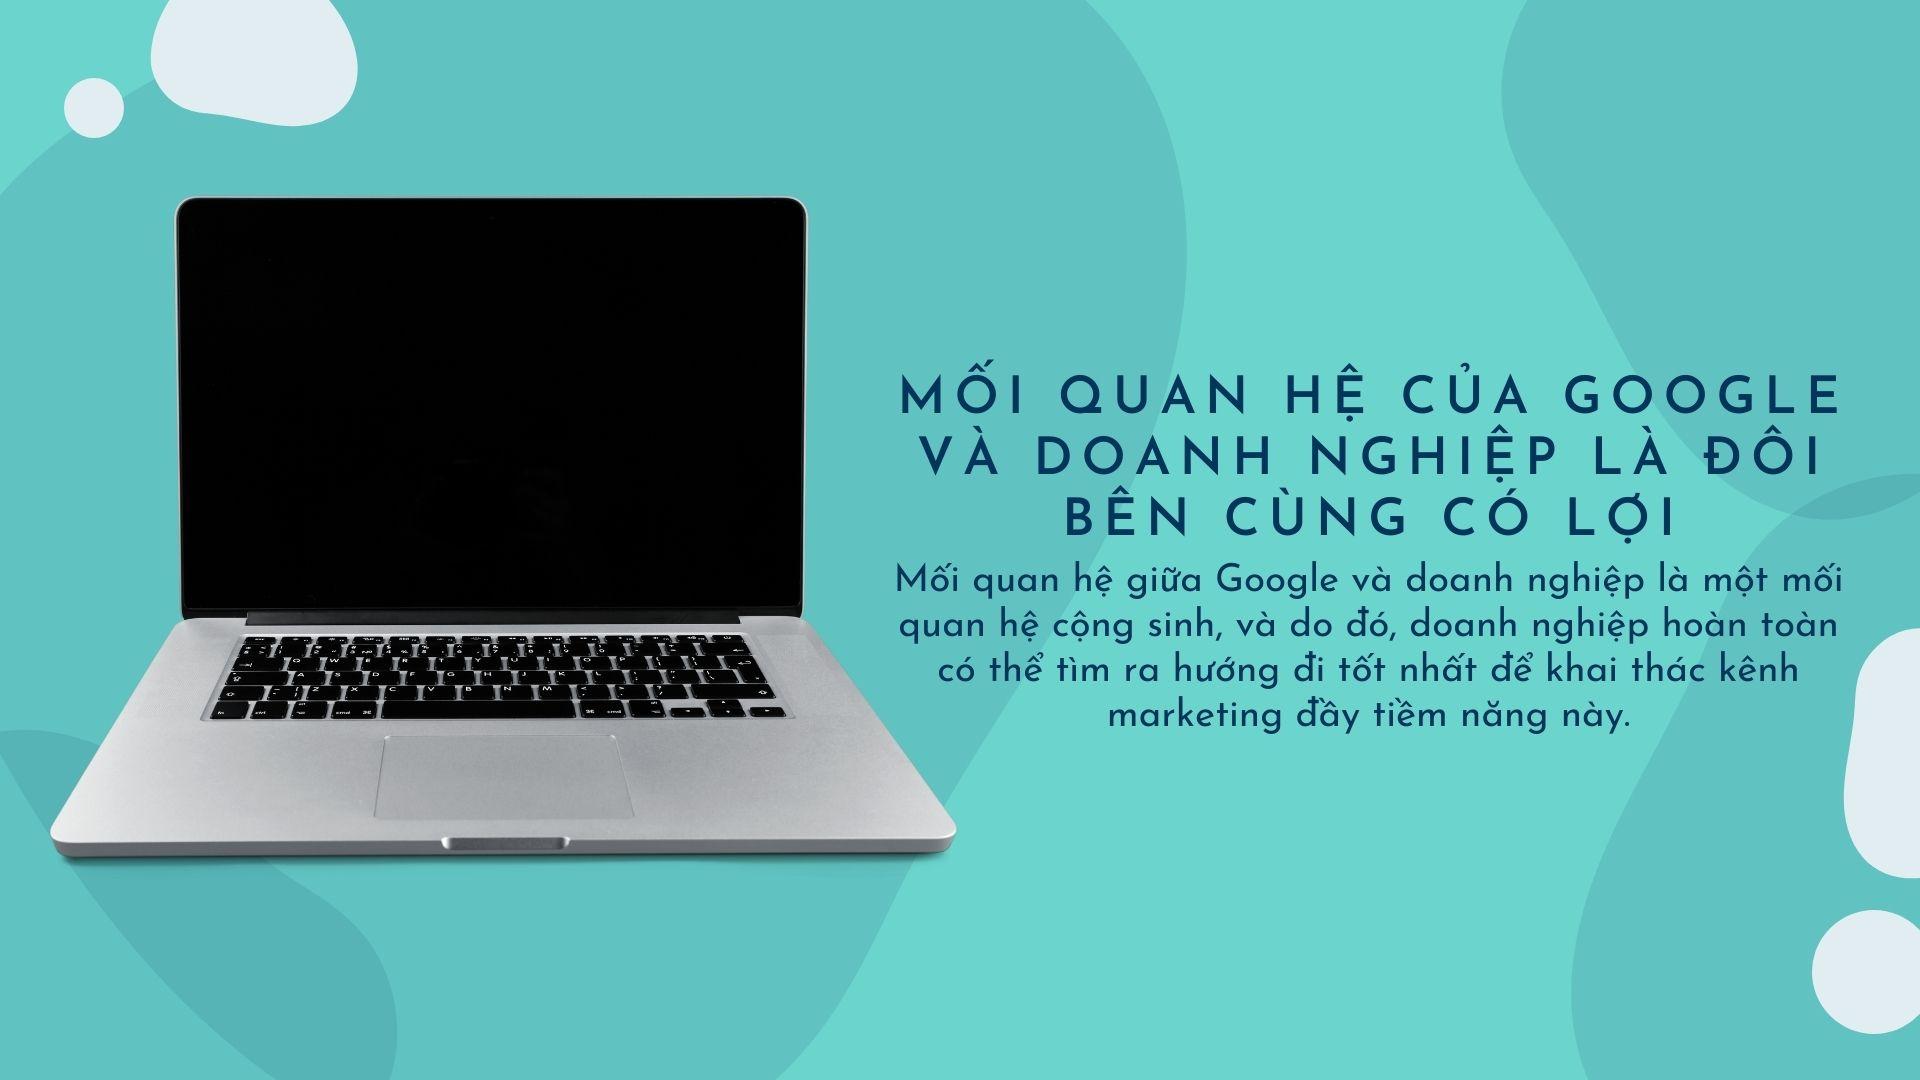 Nguyen Trung Ba noi ve moi quan he digital marketing giua Google va doanh nghiep 2